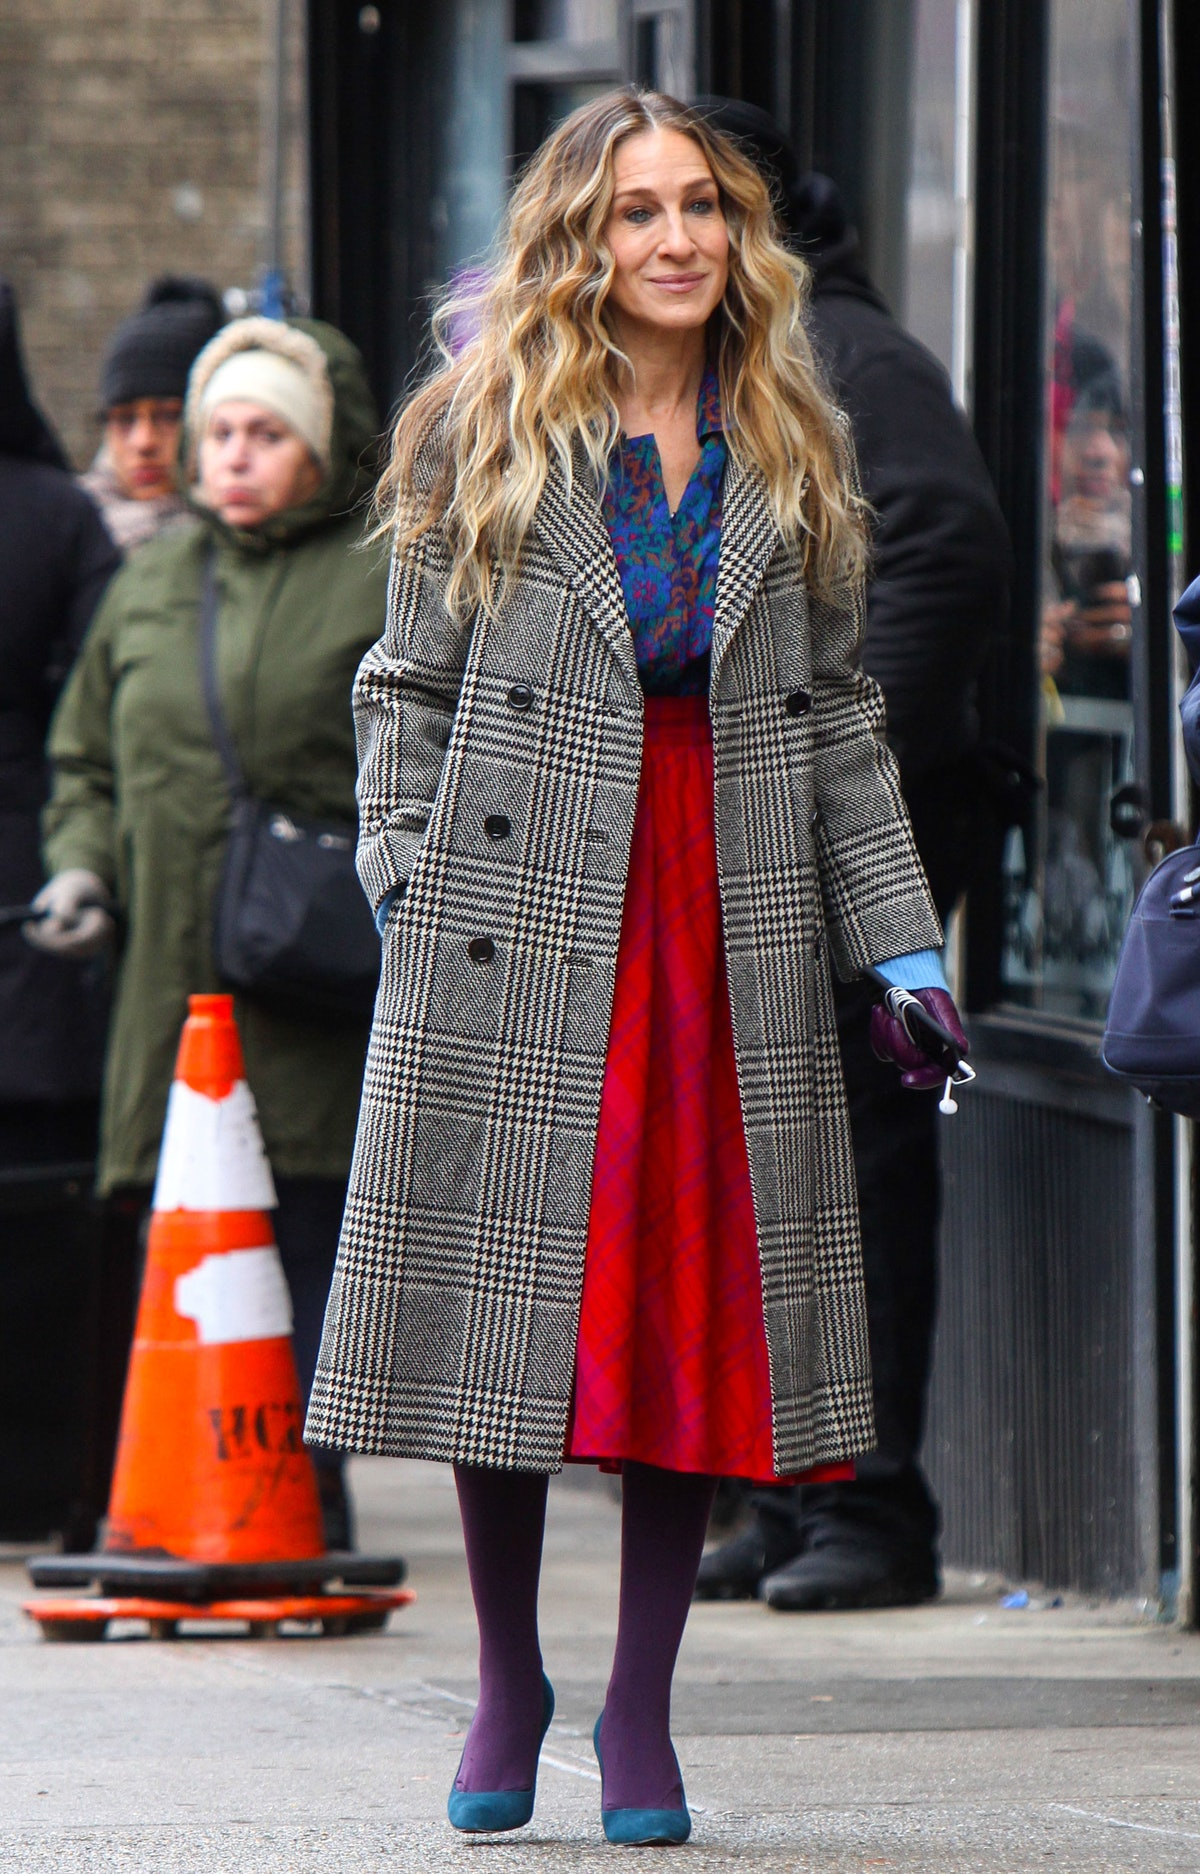 Sarah Jessica Parker on the set of 'Divorce'